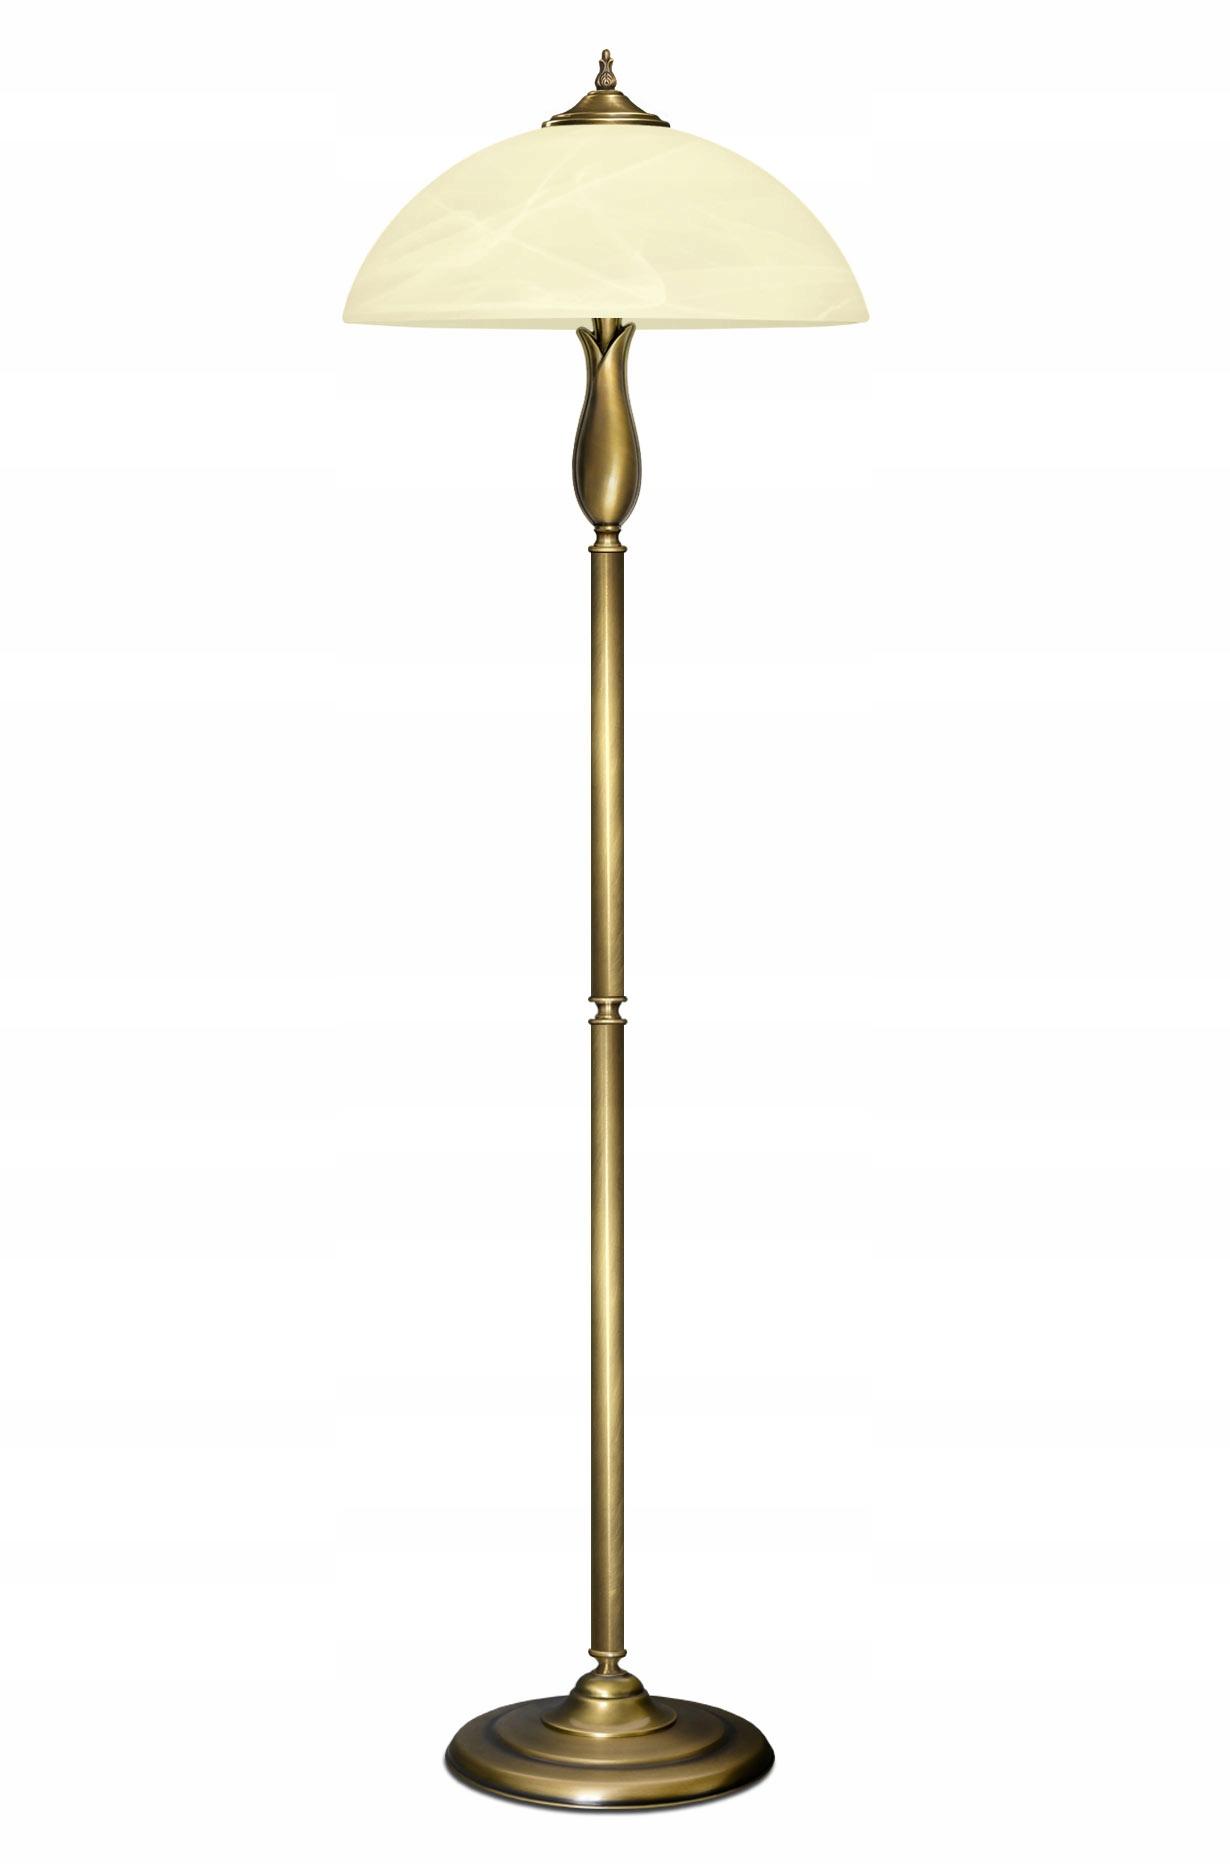 Podlahová lampa MOSADZ, patina, klasické SeriaM